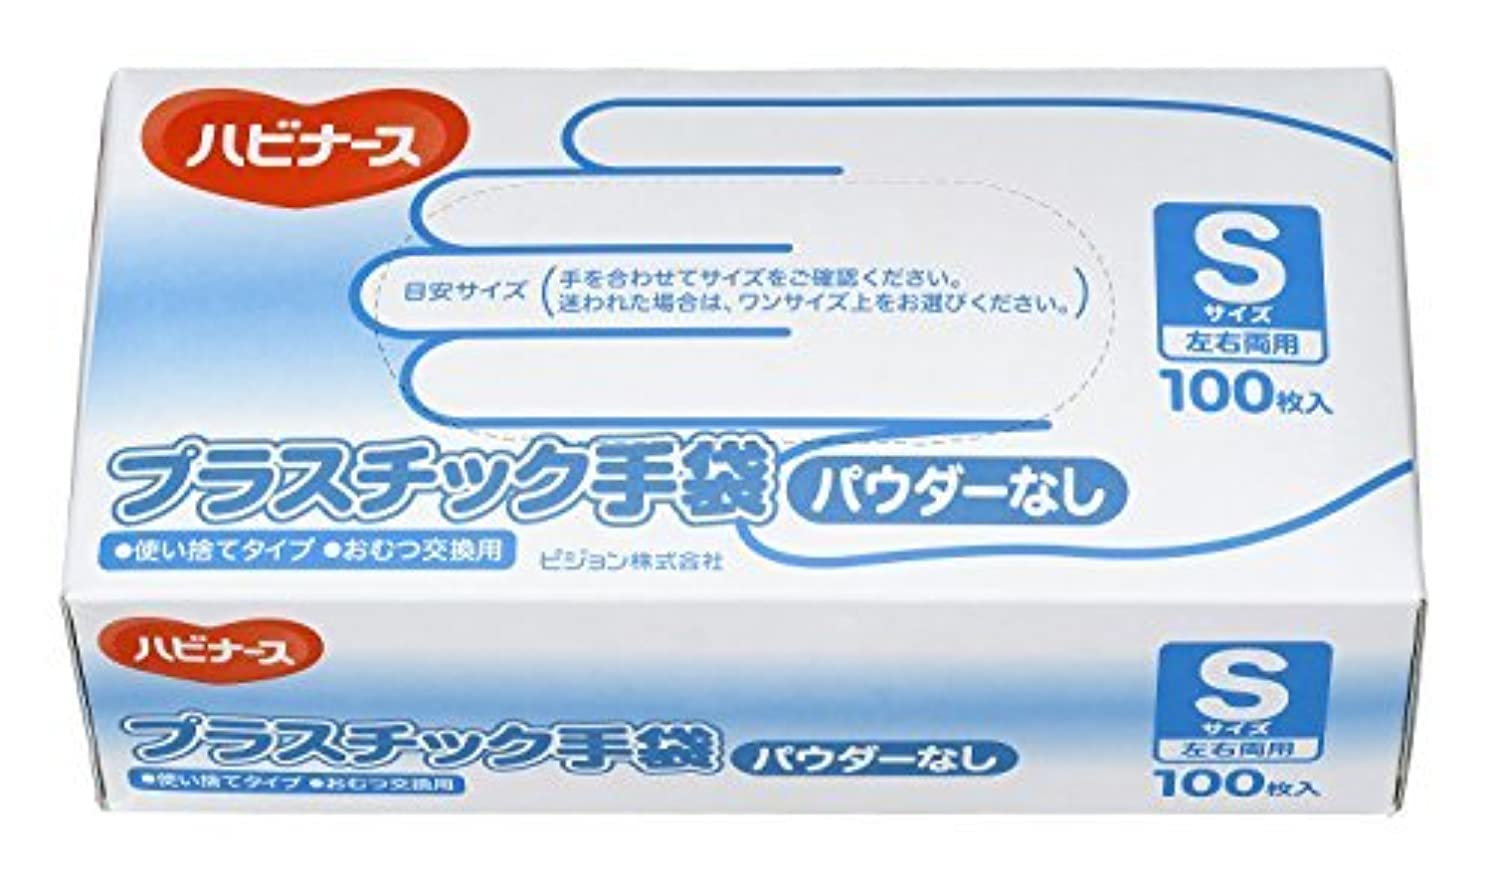 ウイルスキモい酔うハビナース プラスチック手袋 Sサイズ パウダーなし 100枚入 ?おまとめセット【6個】?